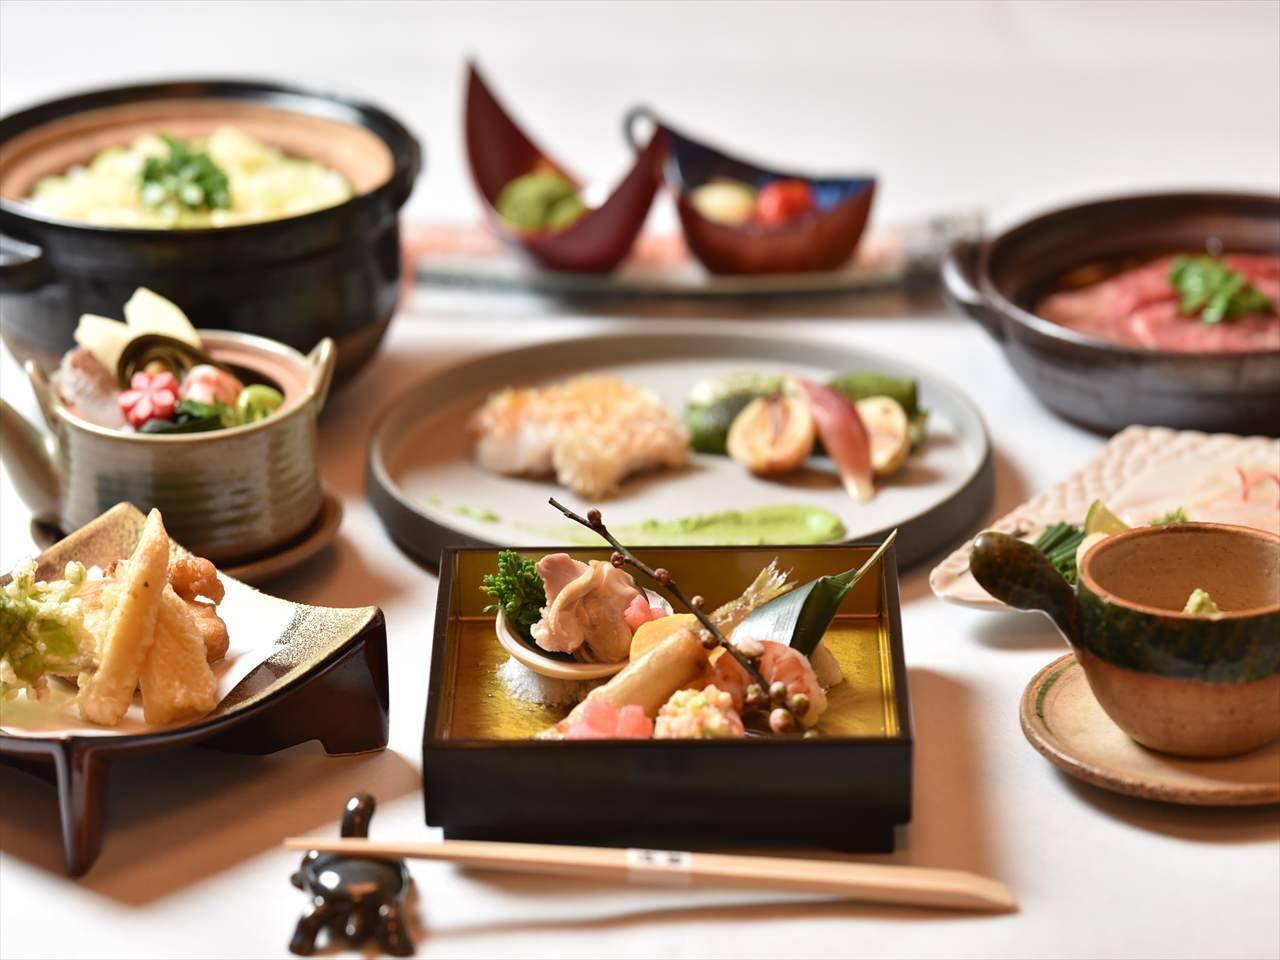 大阪ならでは食材と料理法にこだわり料理しています。